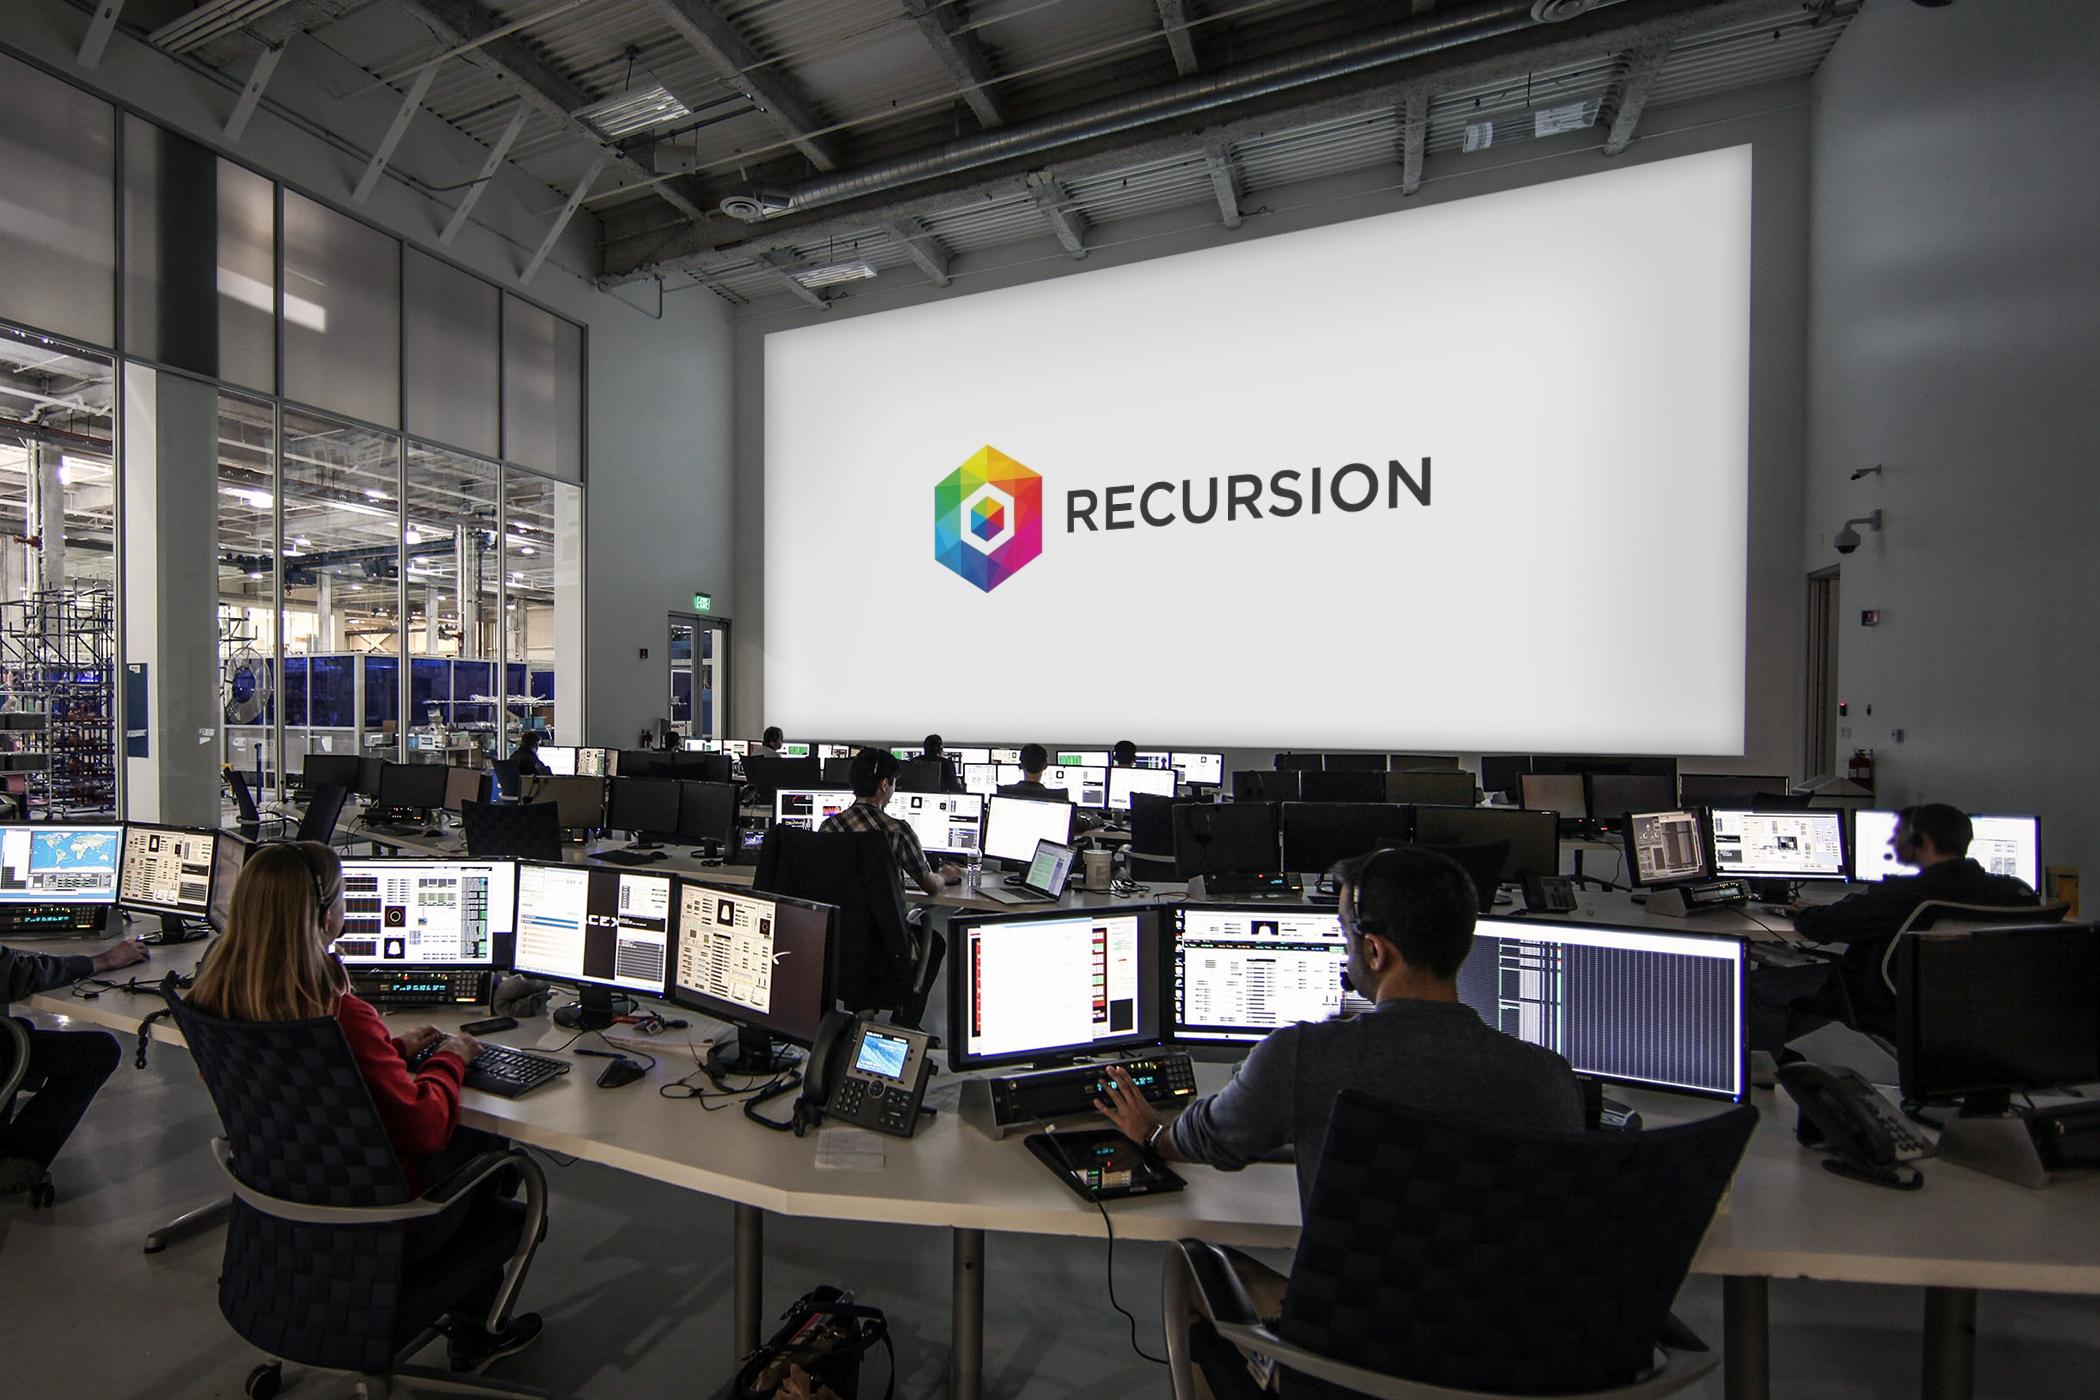 Recursion IPO